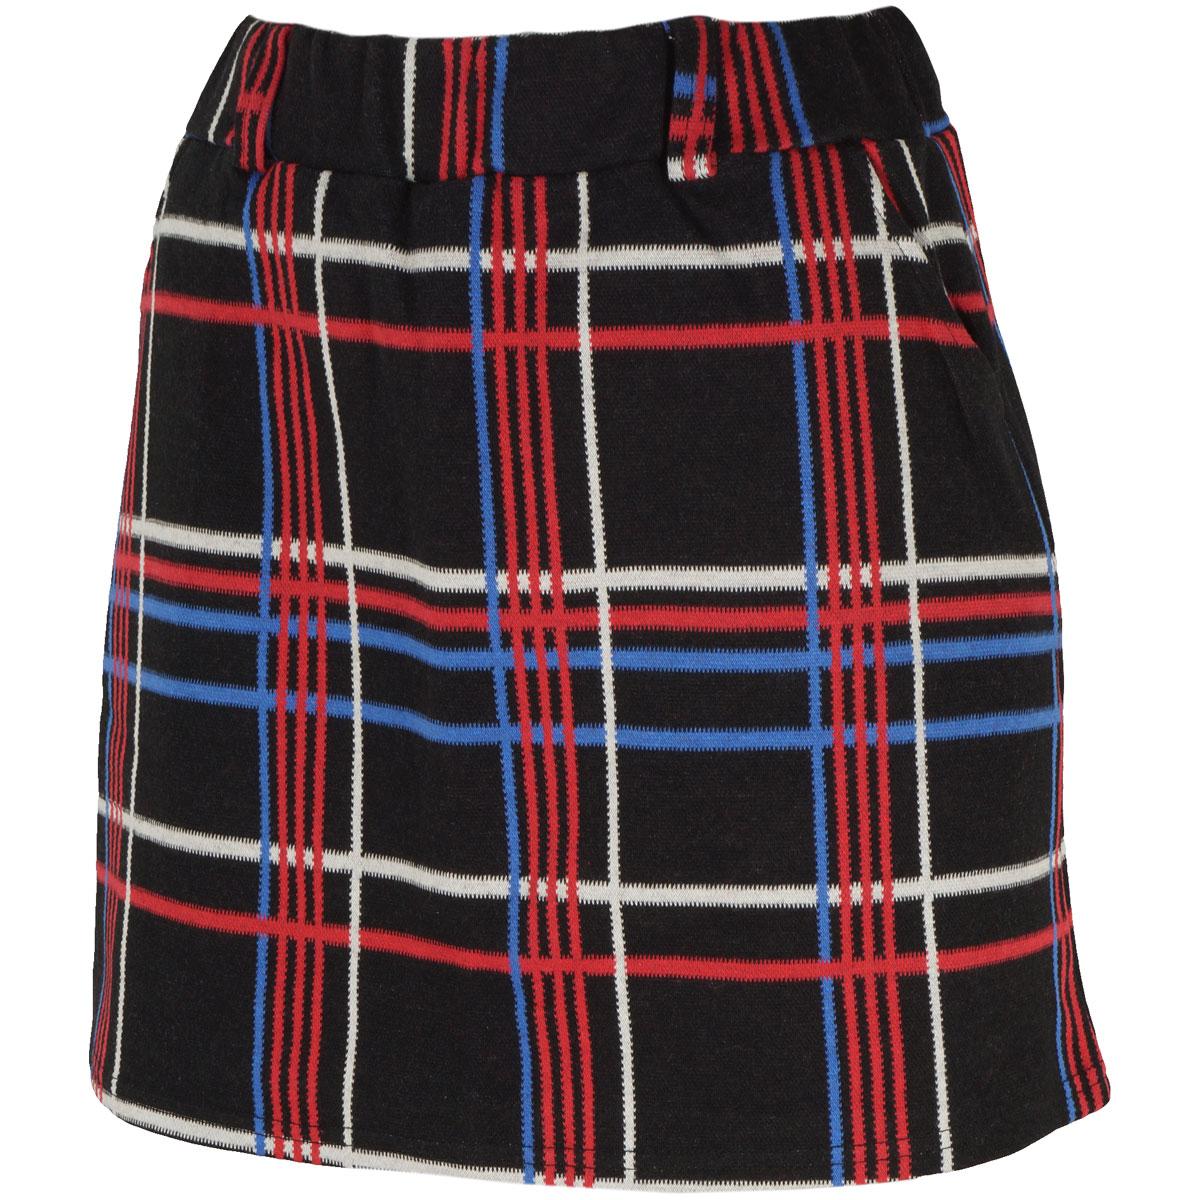 デルソルゴルフ秋冬新作モデル!スカートなど新作ゴルフウェアが続々登場